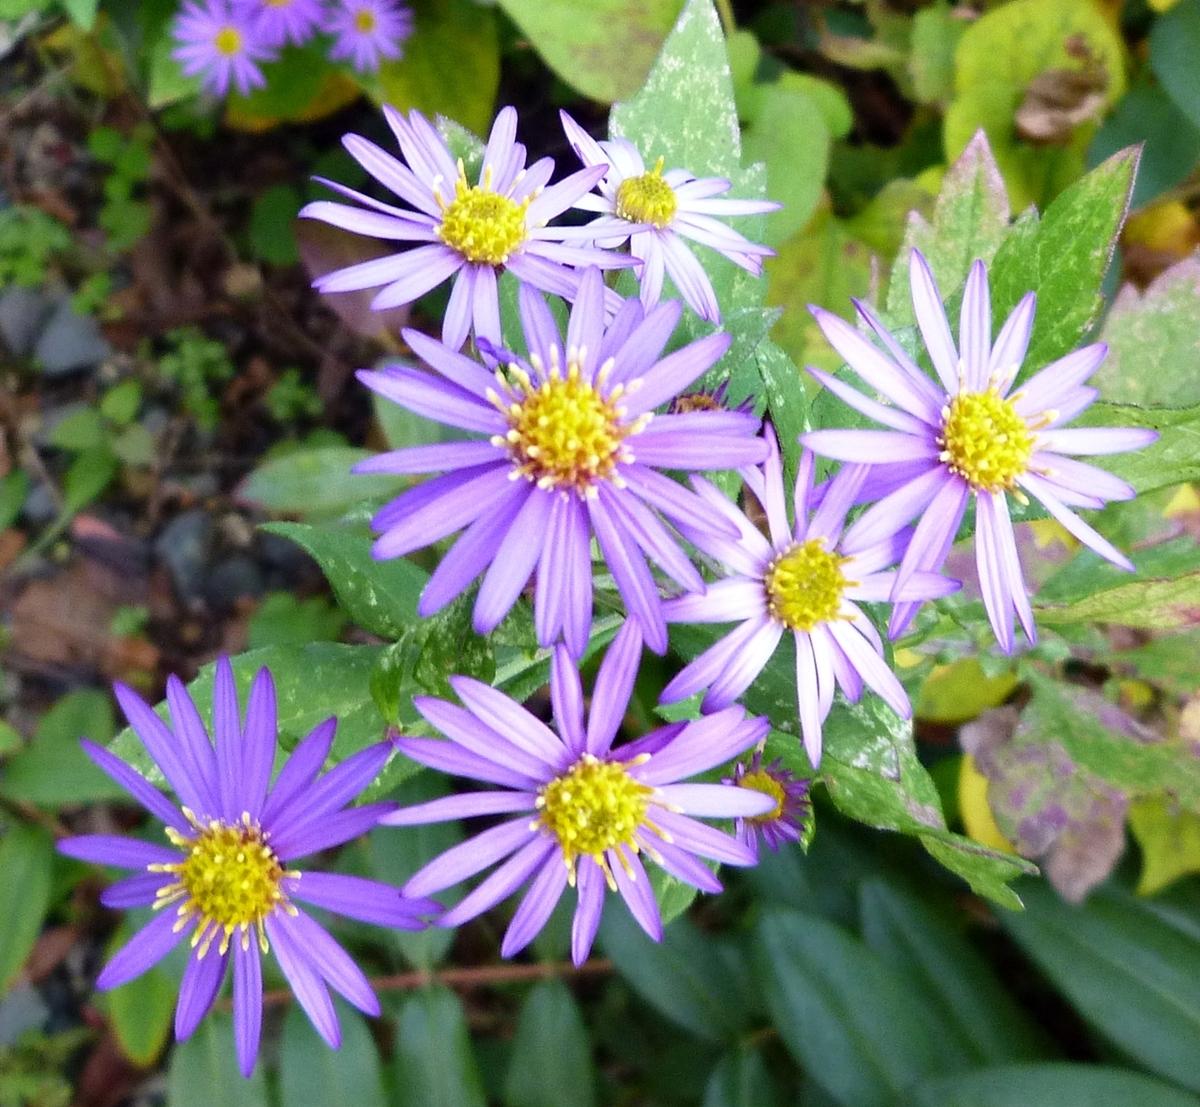 紫色の小さな菊